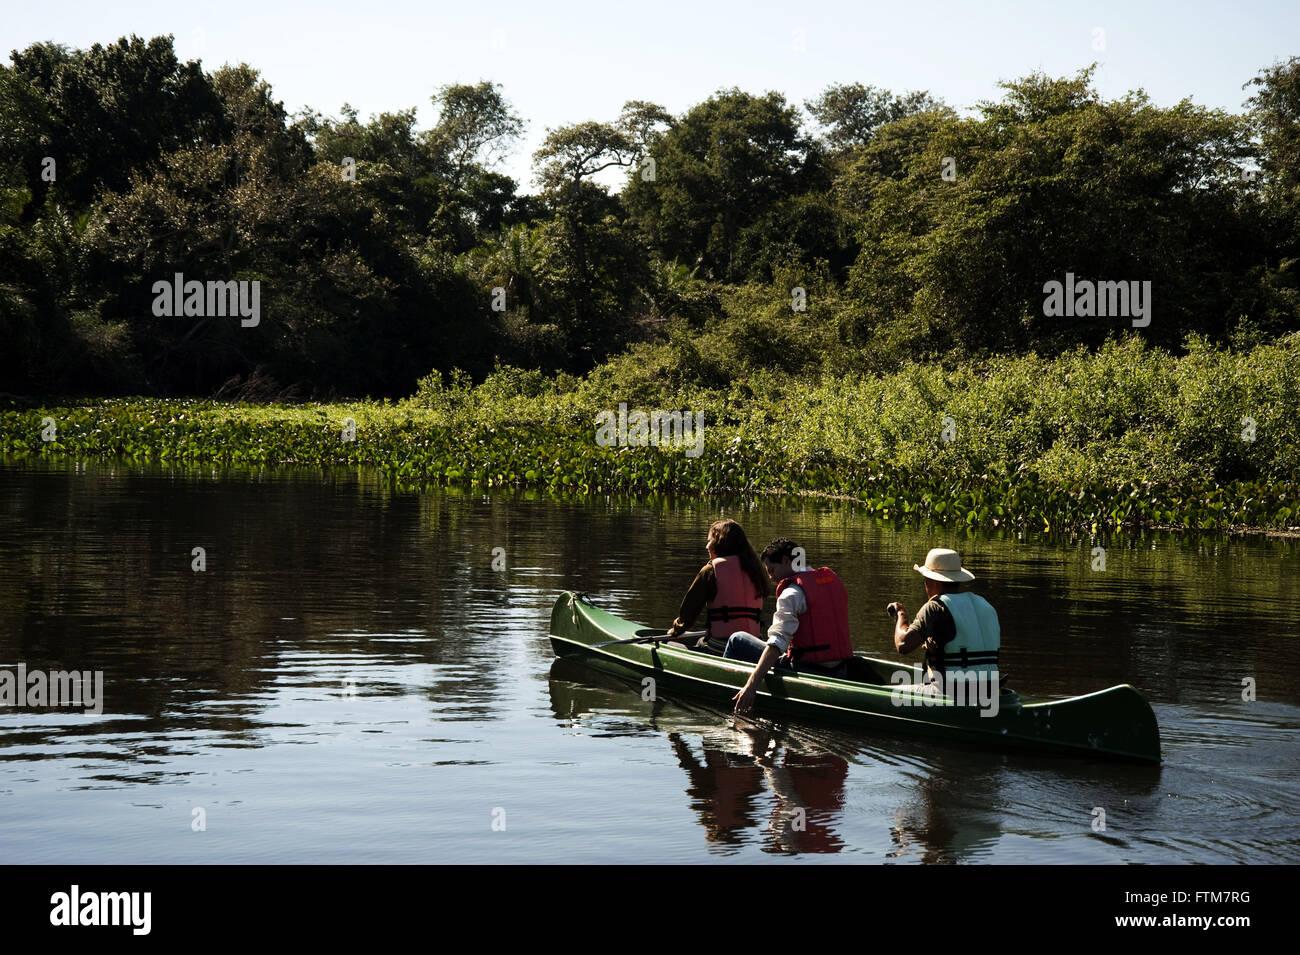 Corixo canoe ride on the arm of Rio Sao Domingos Miranda - Stock Image